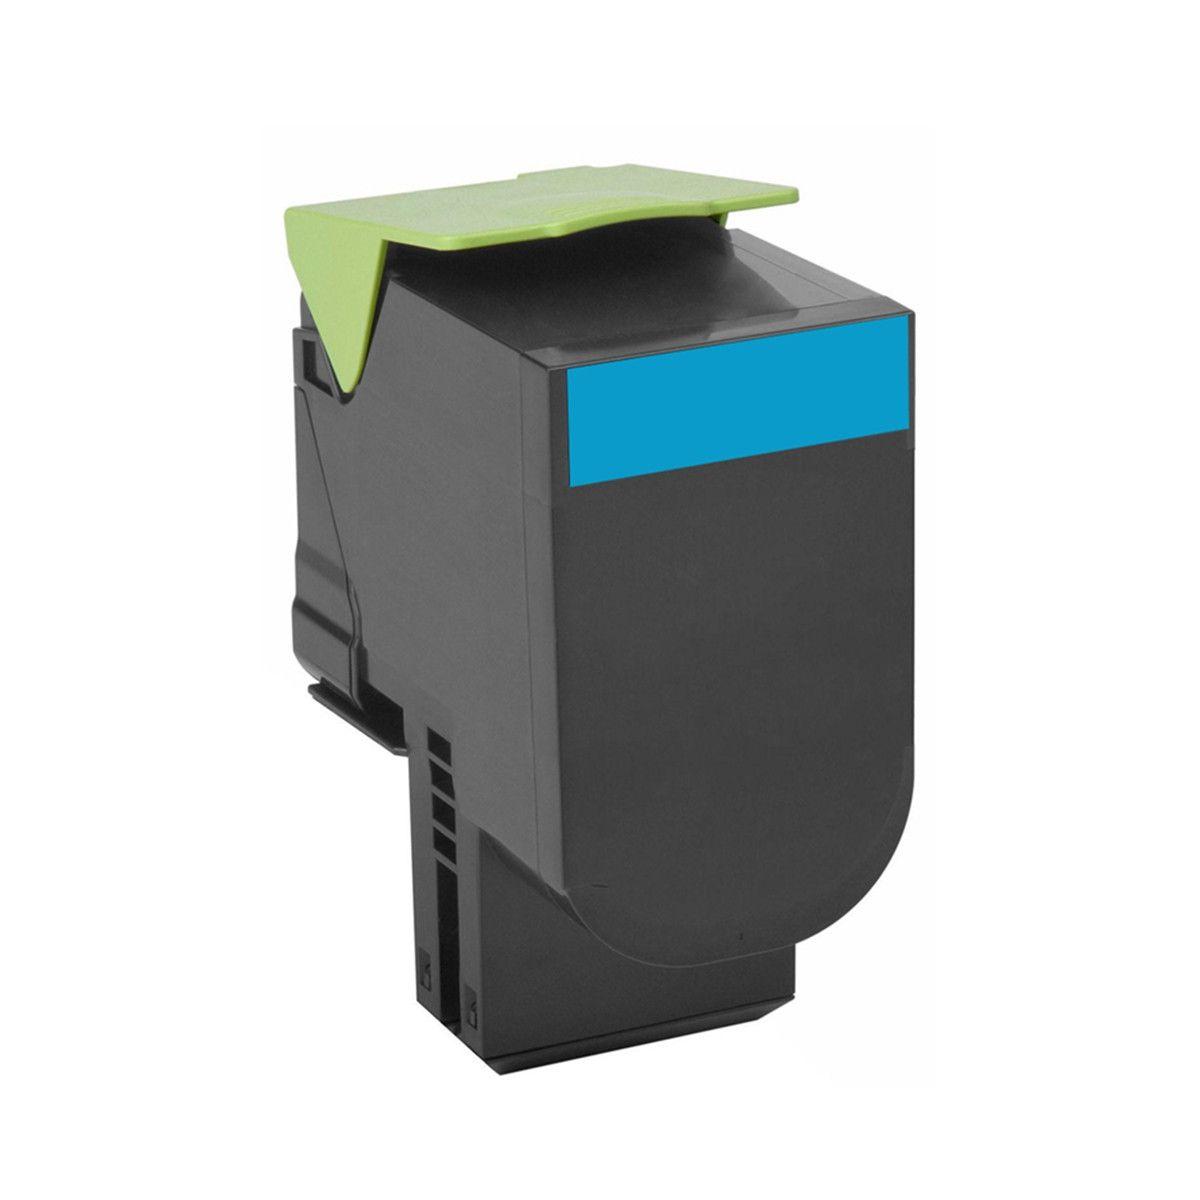 Toner compatível Lexmark [71B4HC0] Ciano - impressoras CS417/CS517DN - 3.500 Páginas - Cartucho & Cia